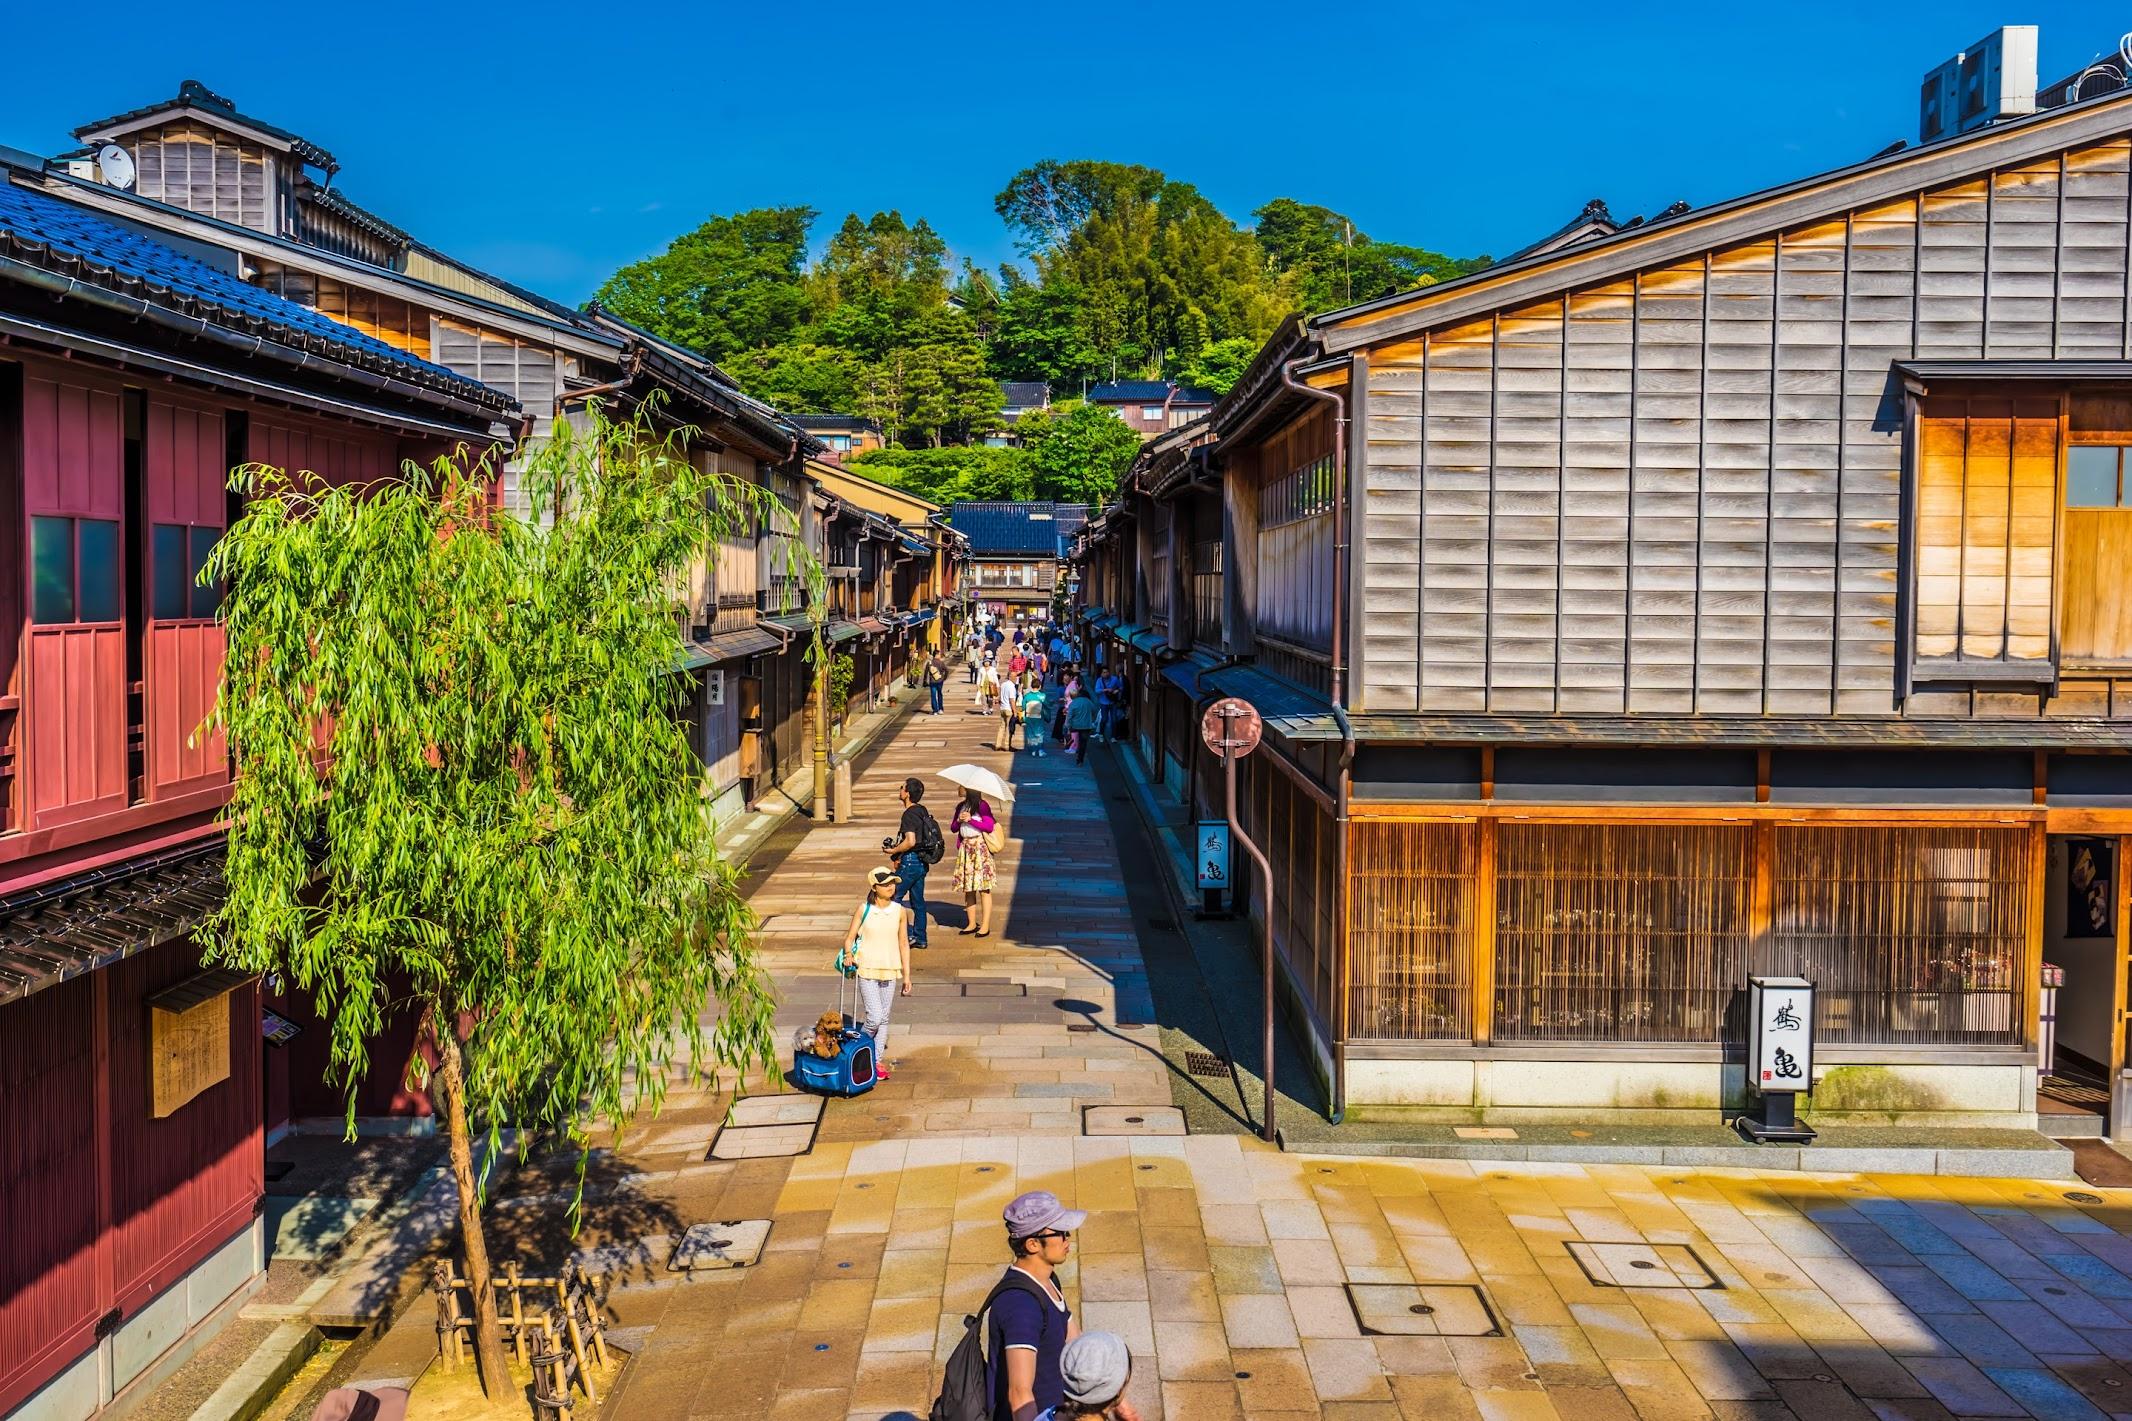 Kanazawa Higashi Chaya District2